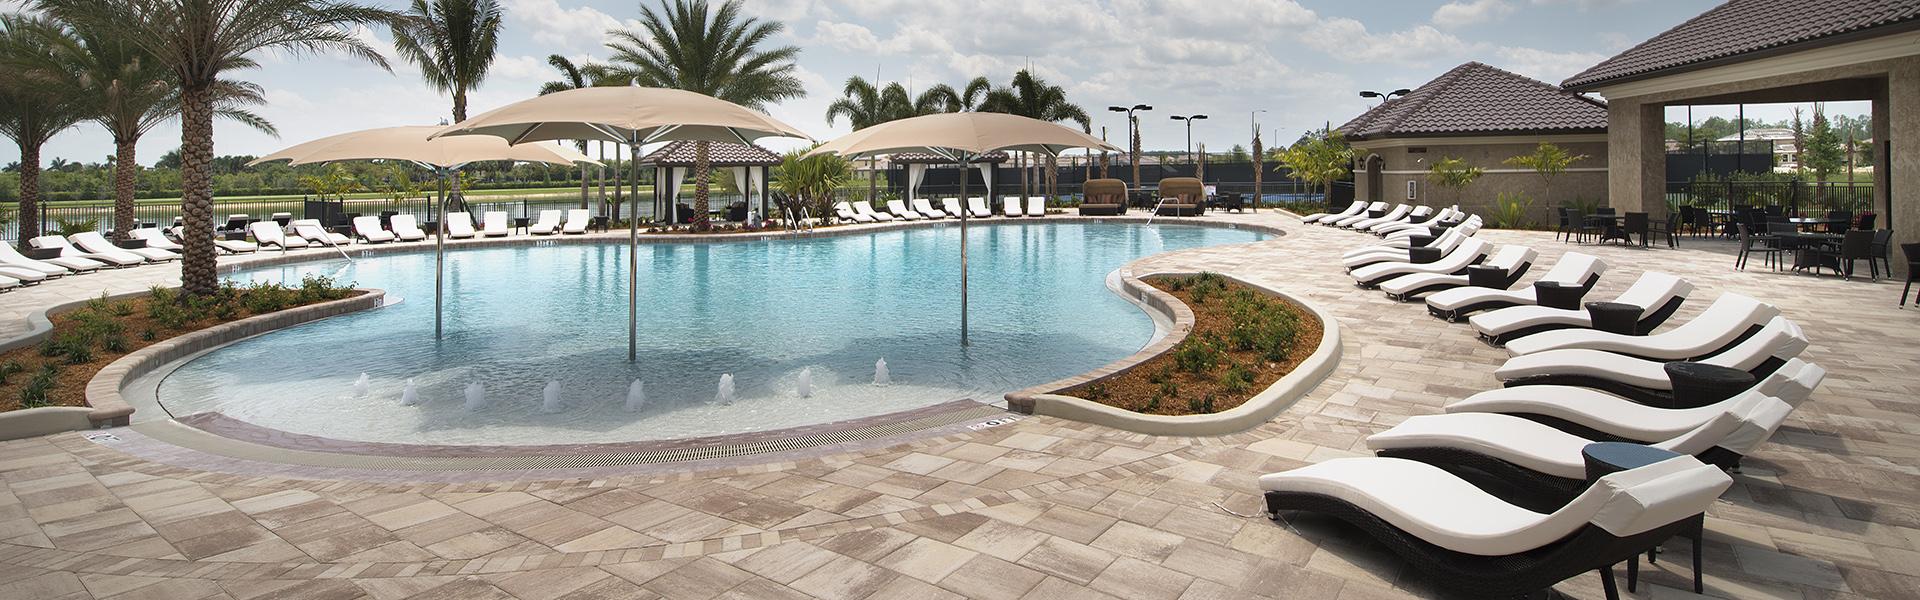 TPAC 03- Pool Deck